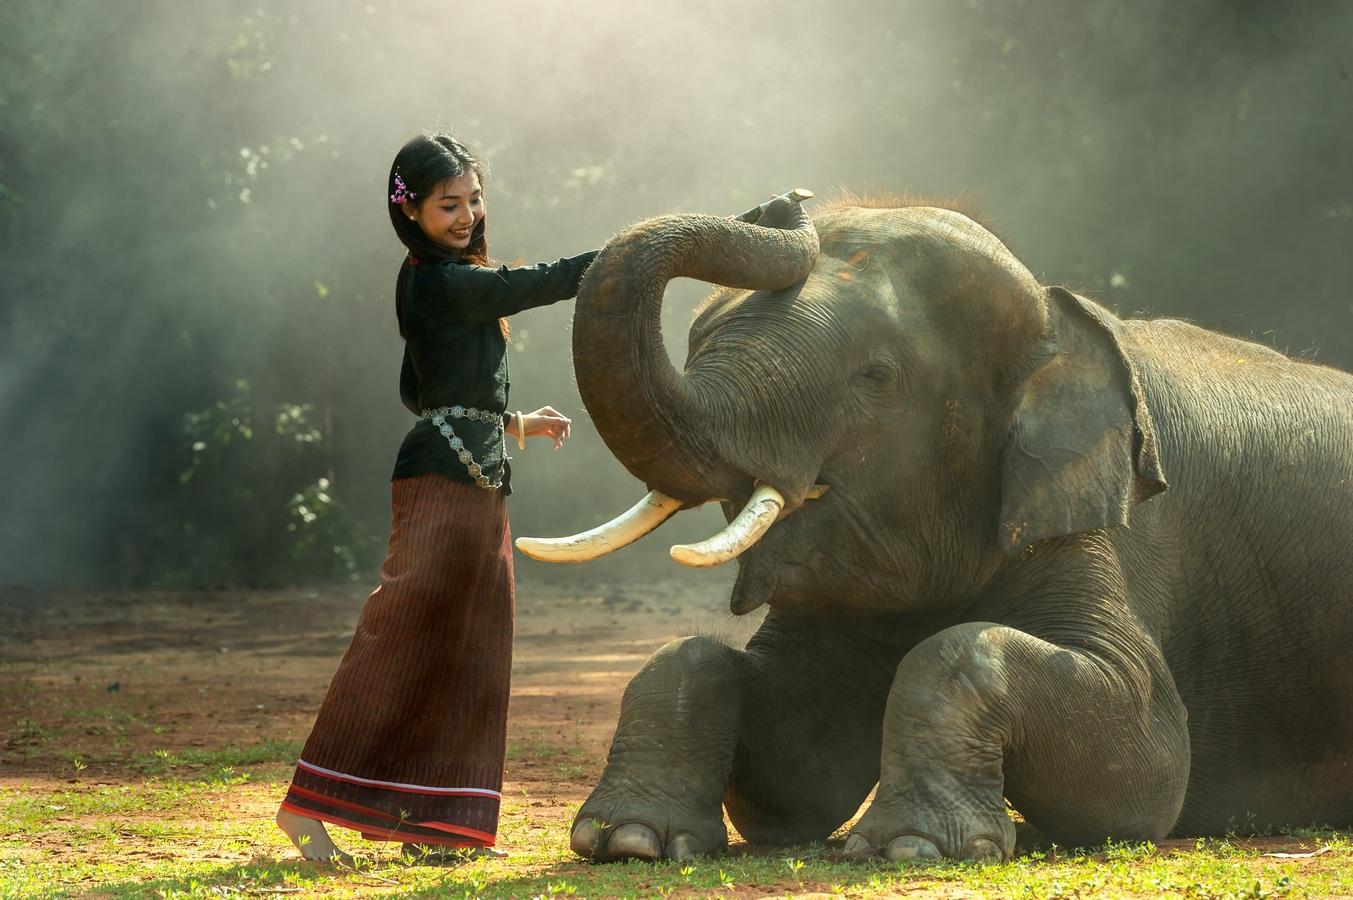 Cảm nhận về Lào sau hành trình 4 ngày 3 đêm - Vietmountain travel 4